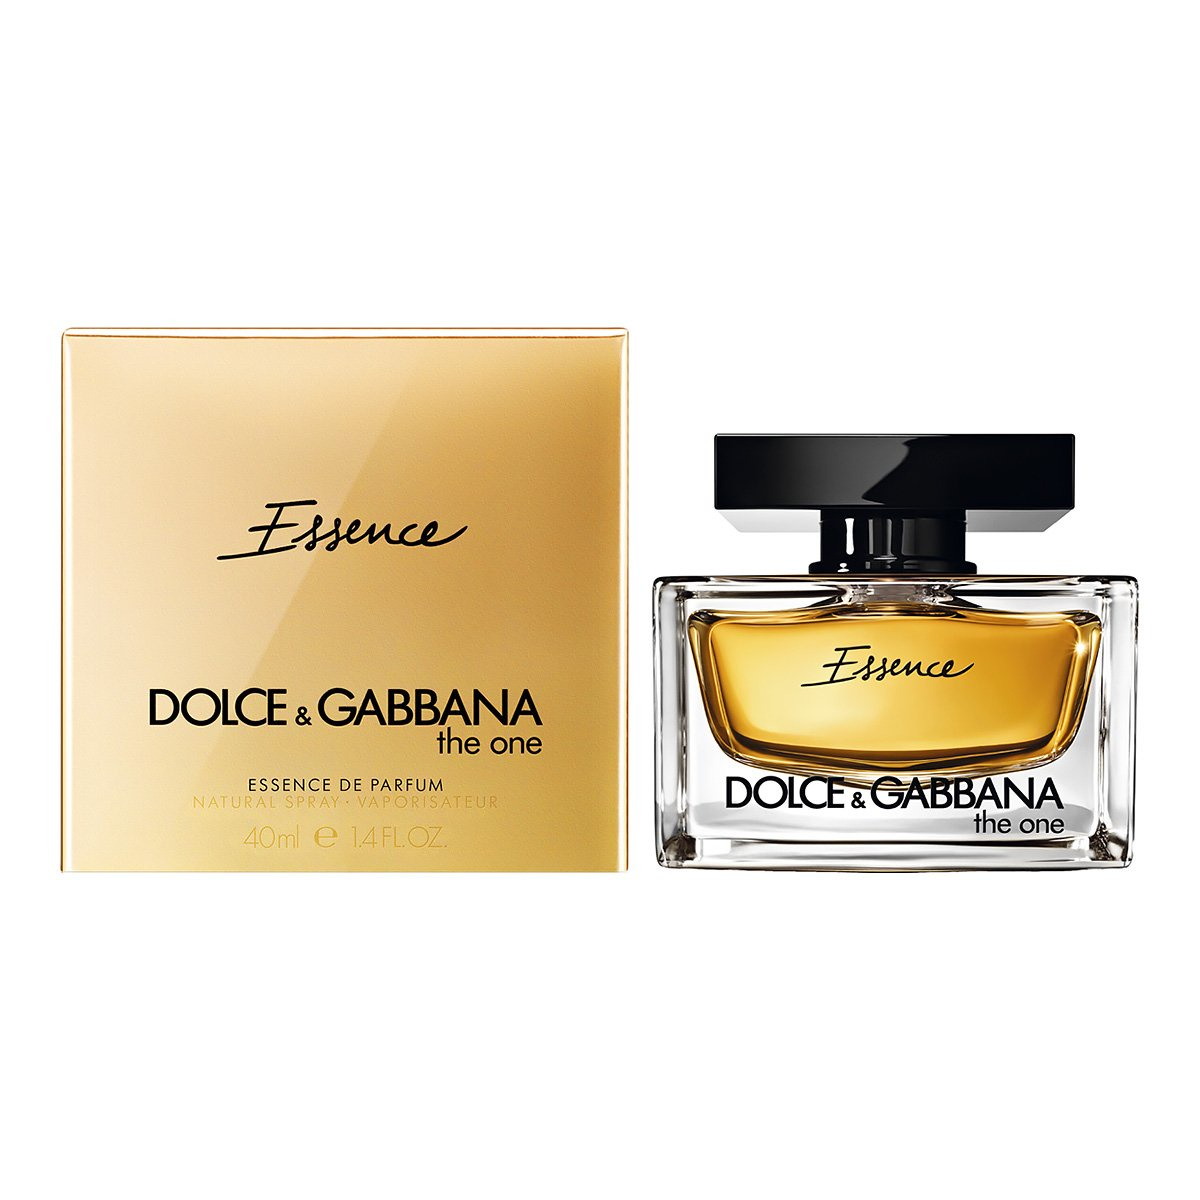 D&G - Dolce&Gabbana Dolce&Gabbana The One Essence Eau De Parfum женская,65 мл. 65 мл the one essence 65 мл dolce